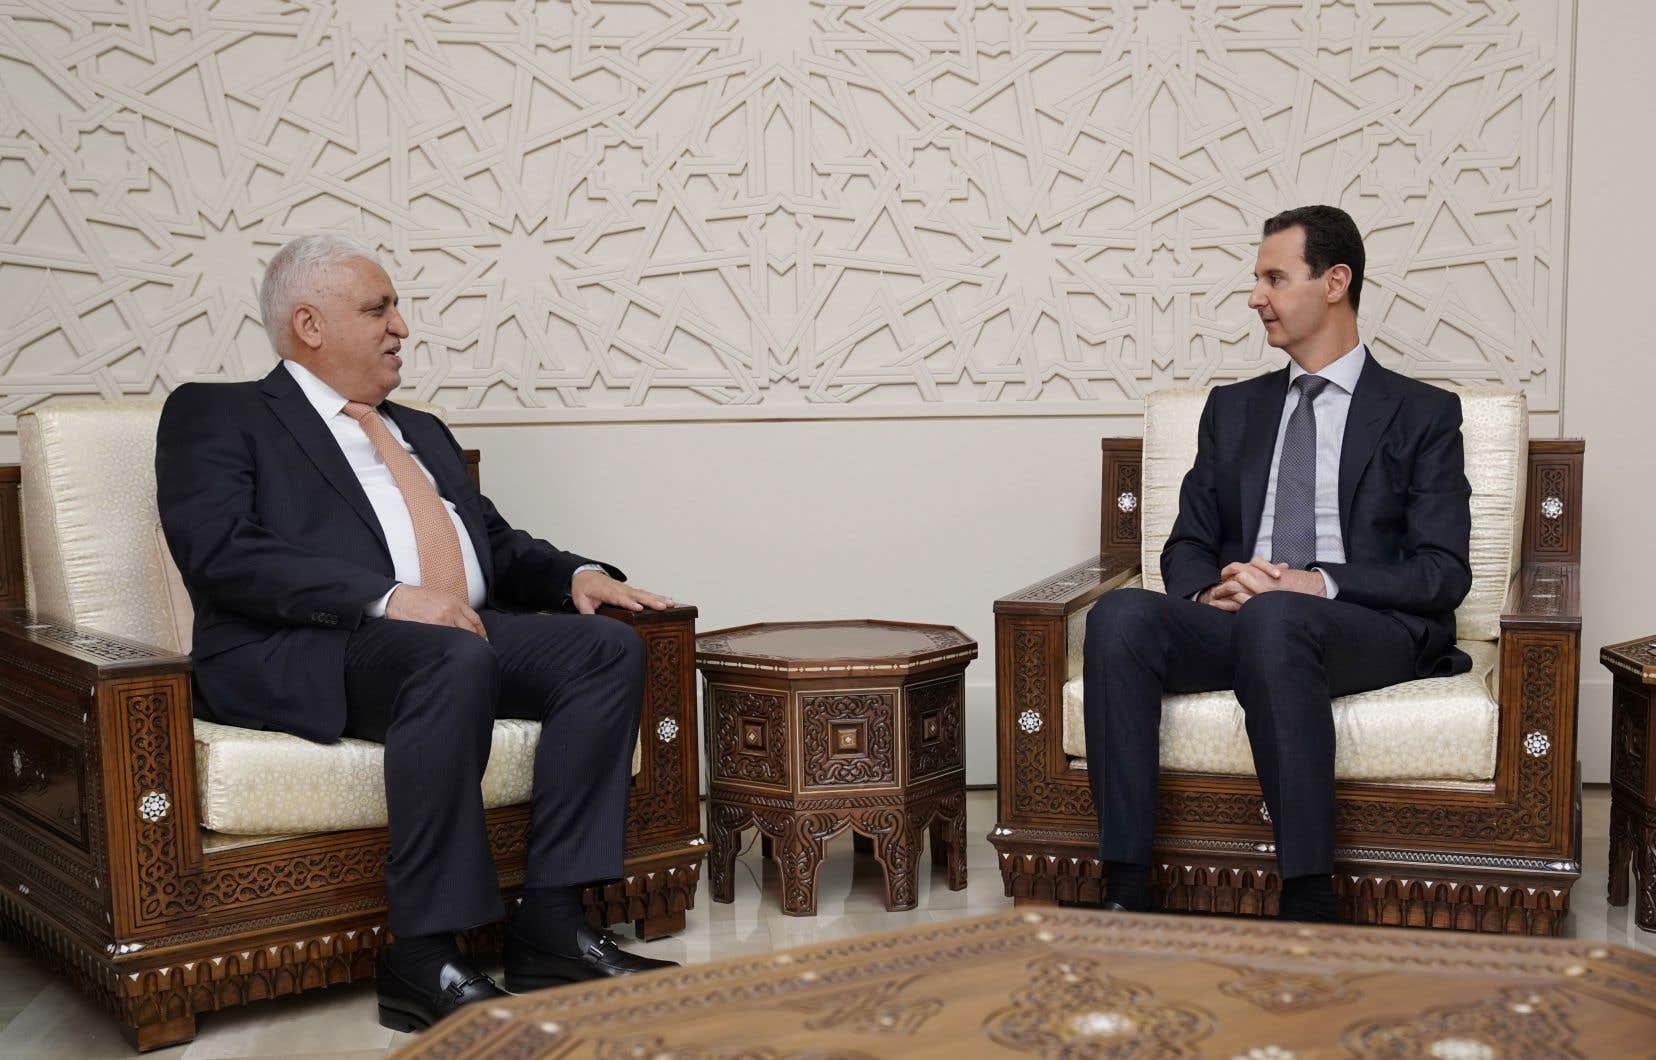 Mis à l'écart de la scène diplomatique régionale, M.Assad semble bénéficier aujourd'hui d'un retour en grâce.